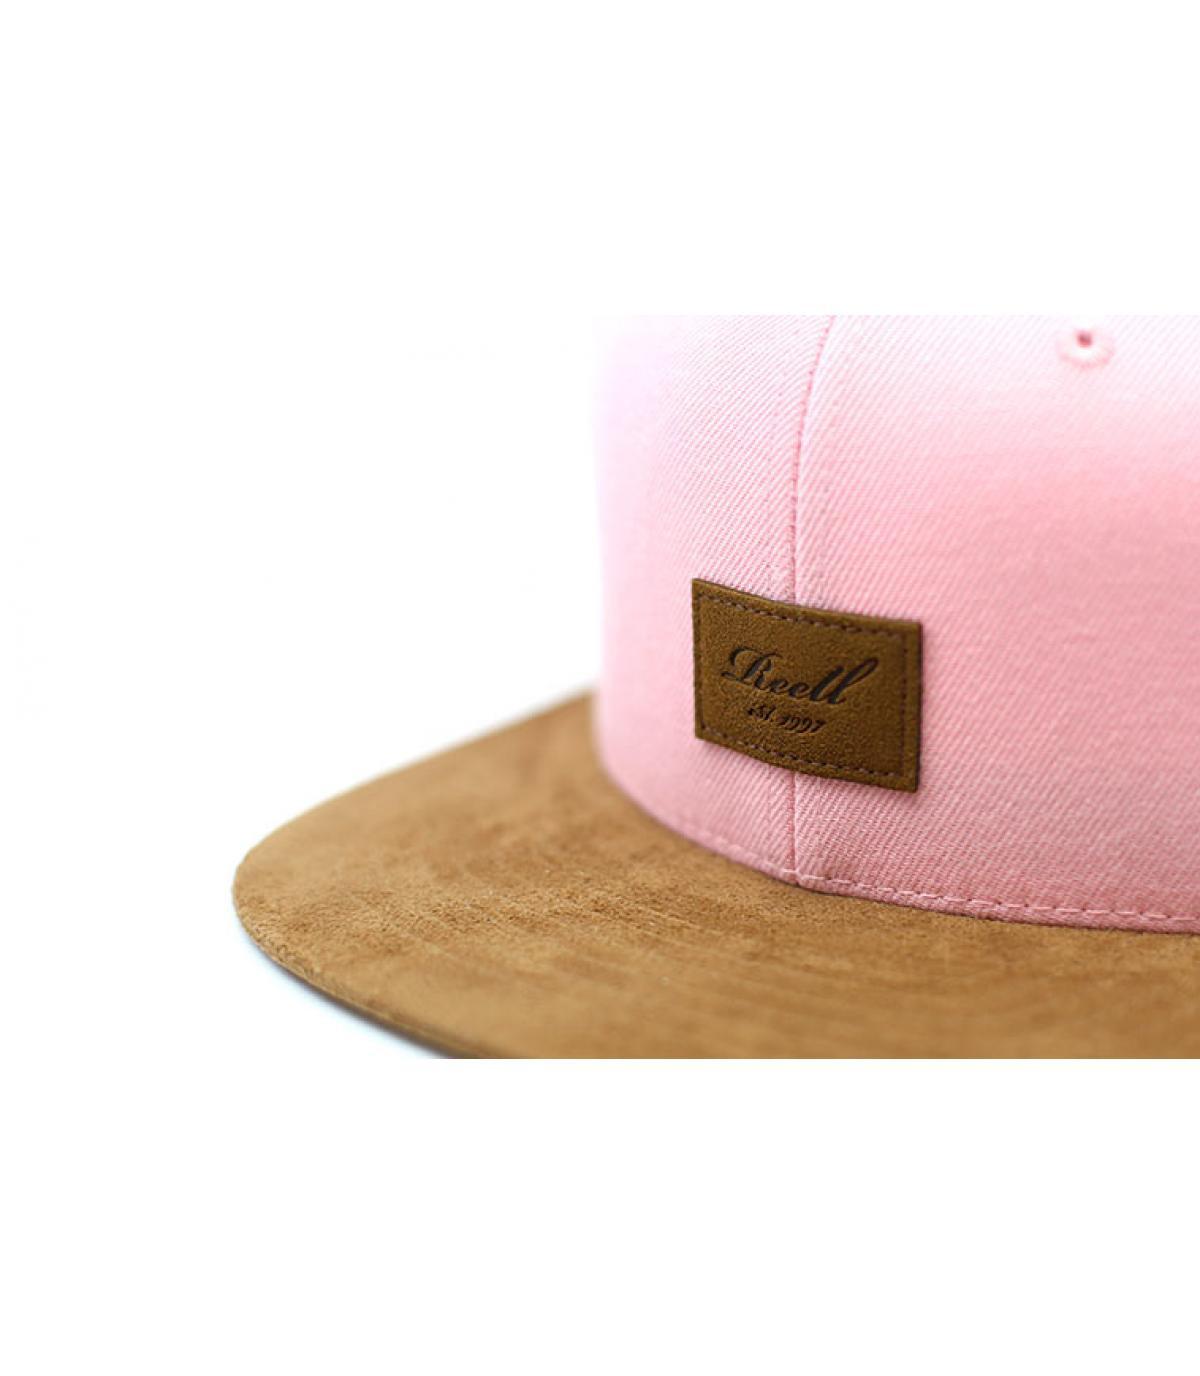 Détails Suede Cap light pink - image 3